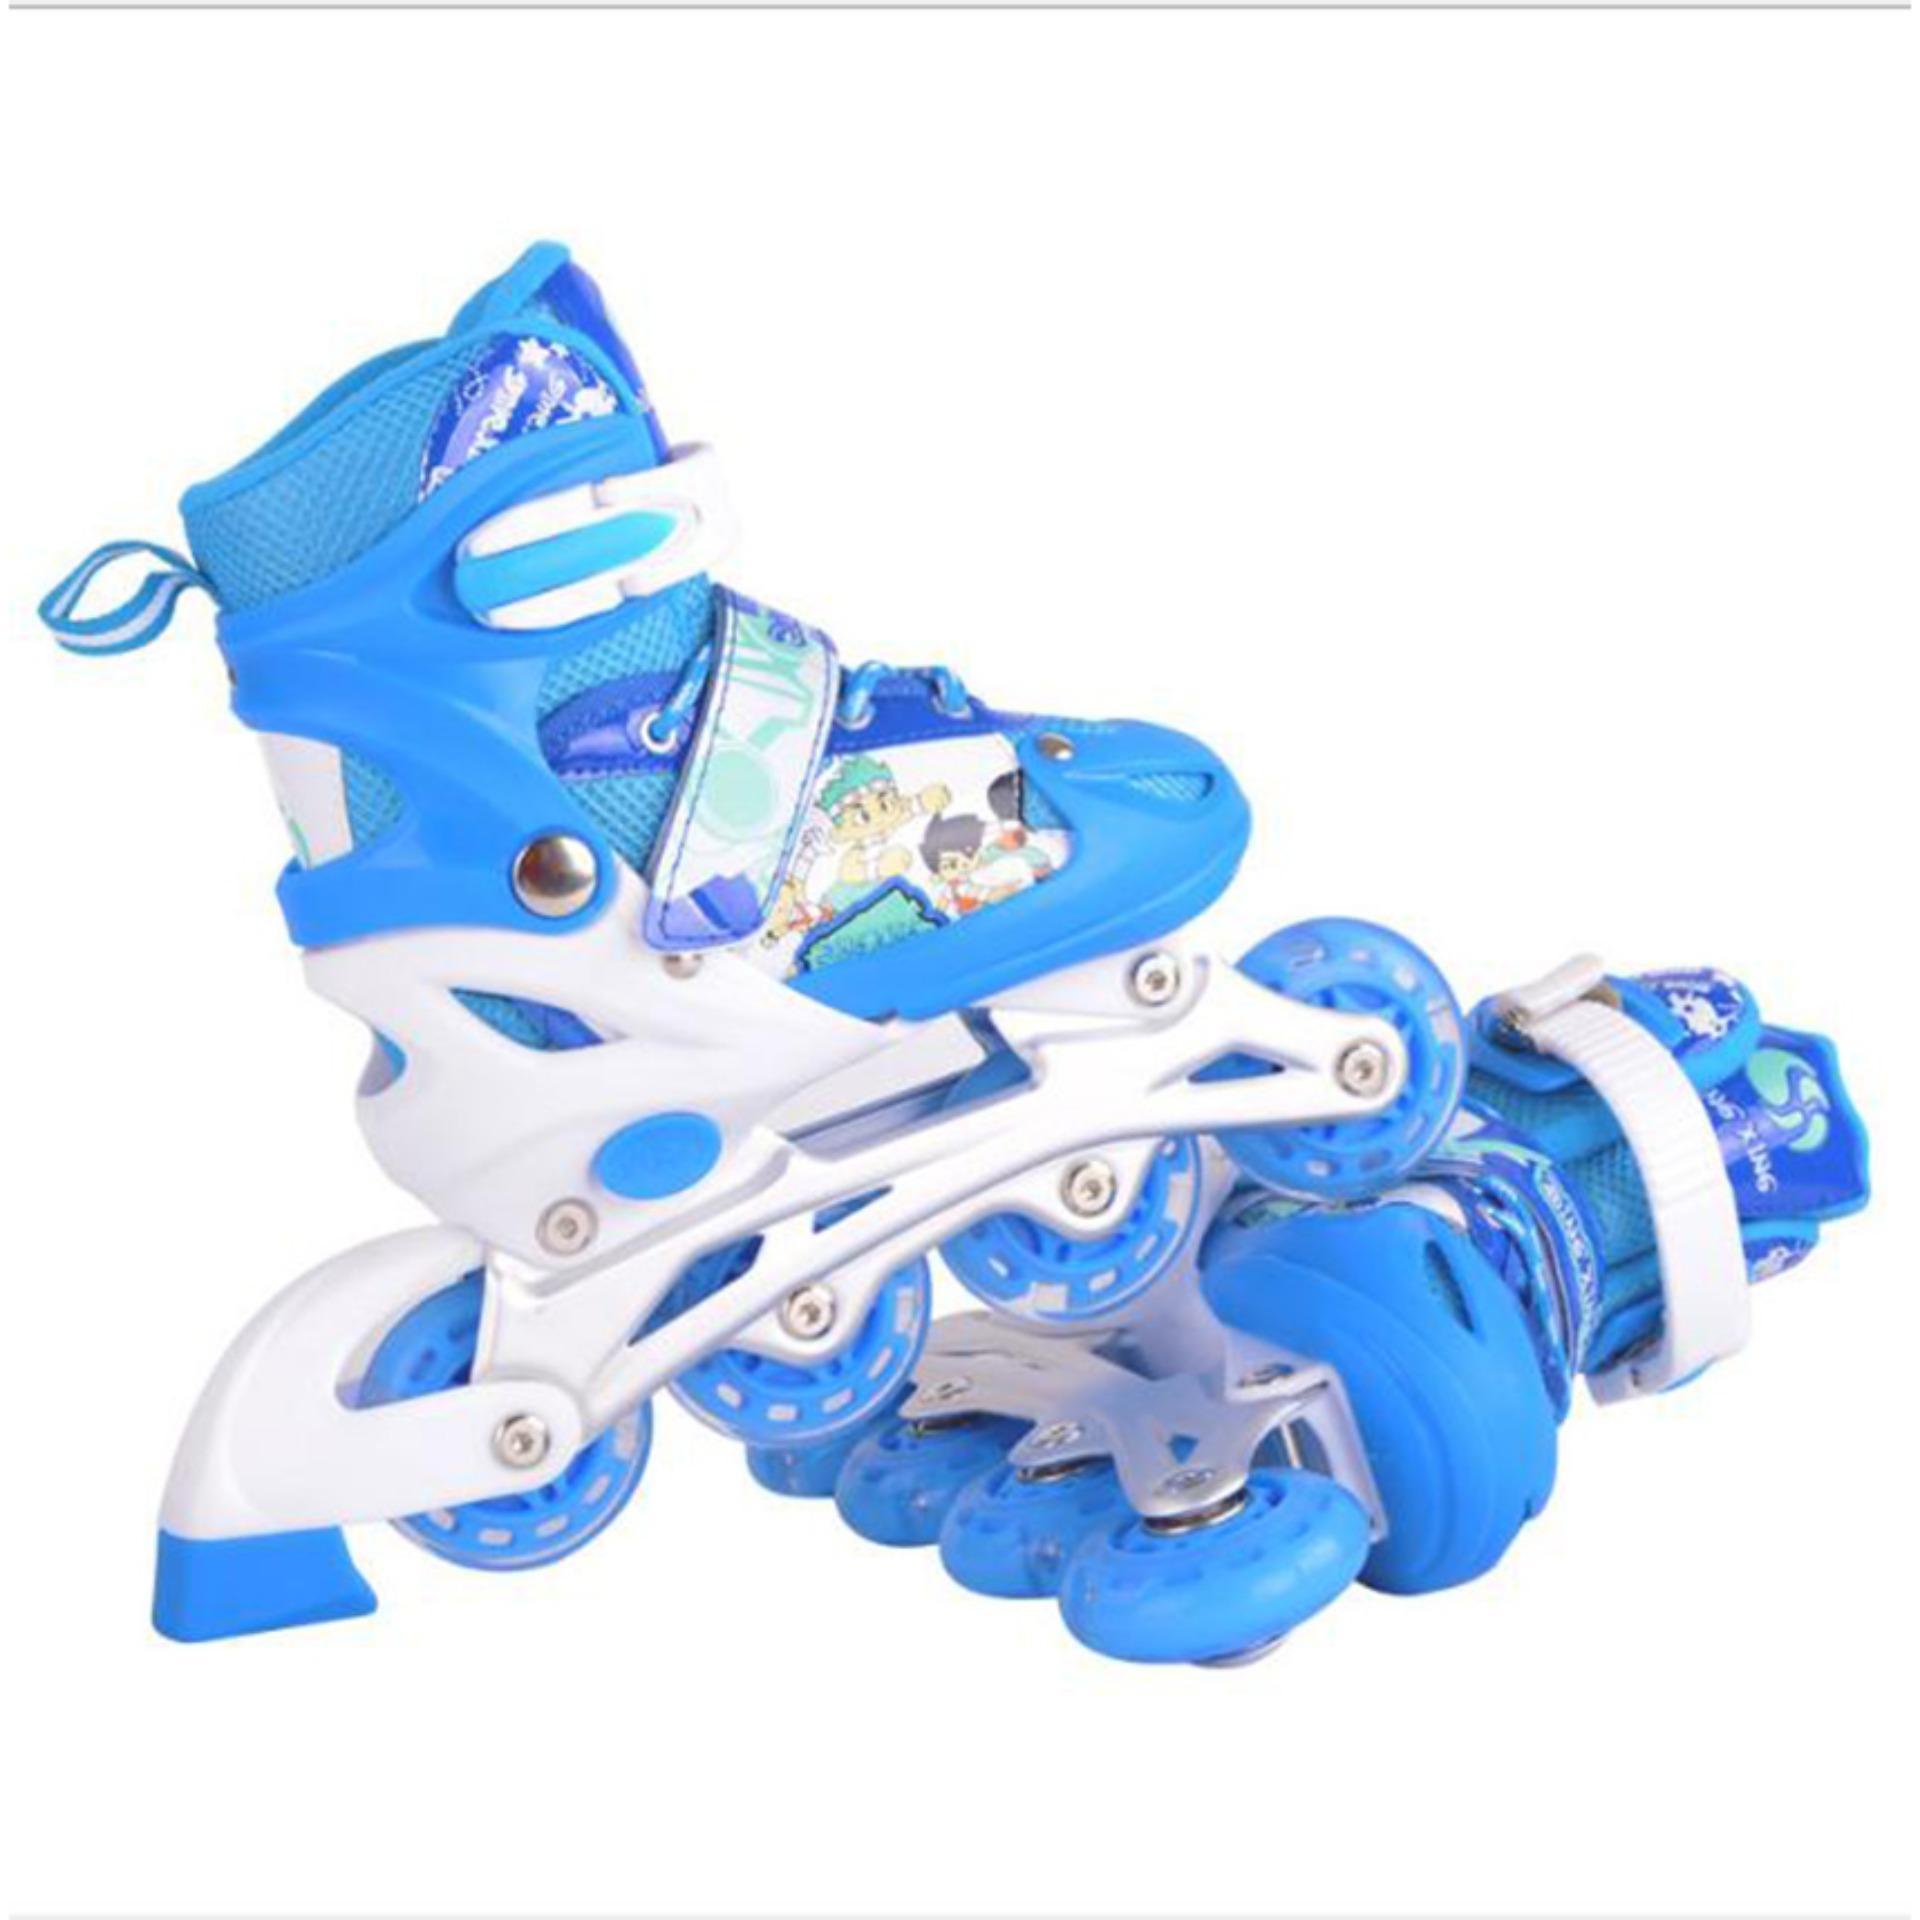 Giá tiền giày trượt patin, Giay truot patin 4 banh gia re, Giày Patin trẻ em tặng mũ và đồ bảo hộ (5 đến 14 tuổi) ôm chân, chắc chắn, an toàn - GIAO HÀNG THU TIỀN TẦN NHÀ - BẢO HÀNH DÀI HẠN